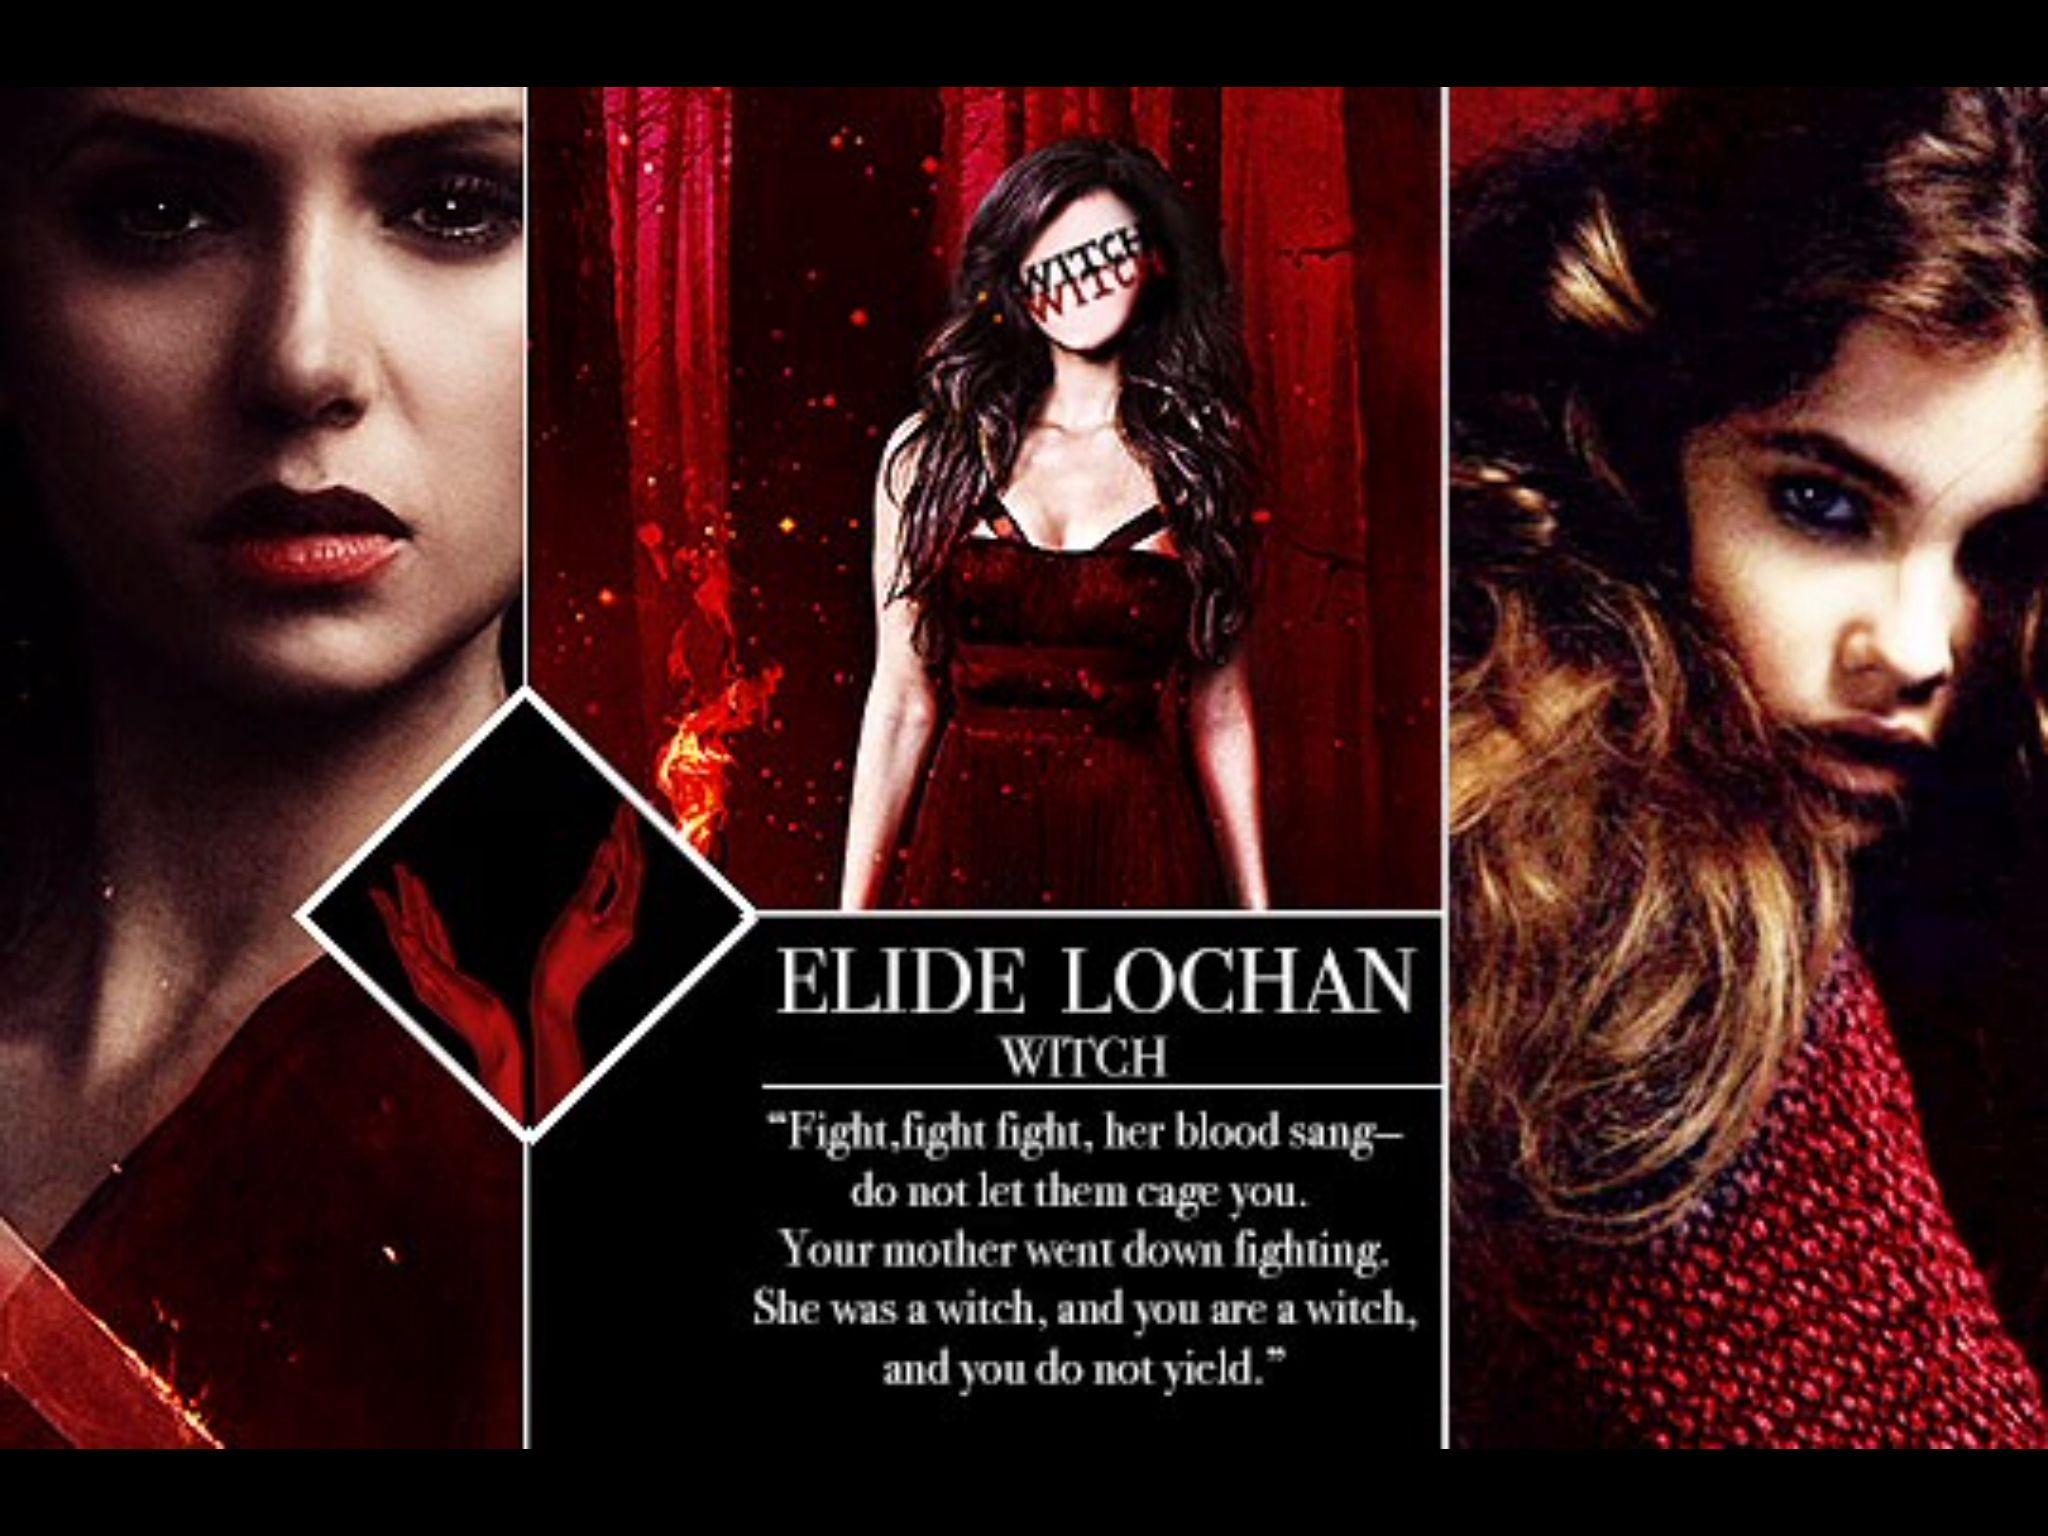 Elide Lochan